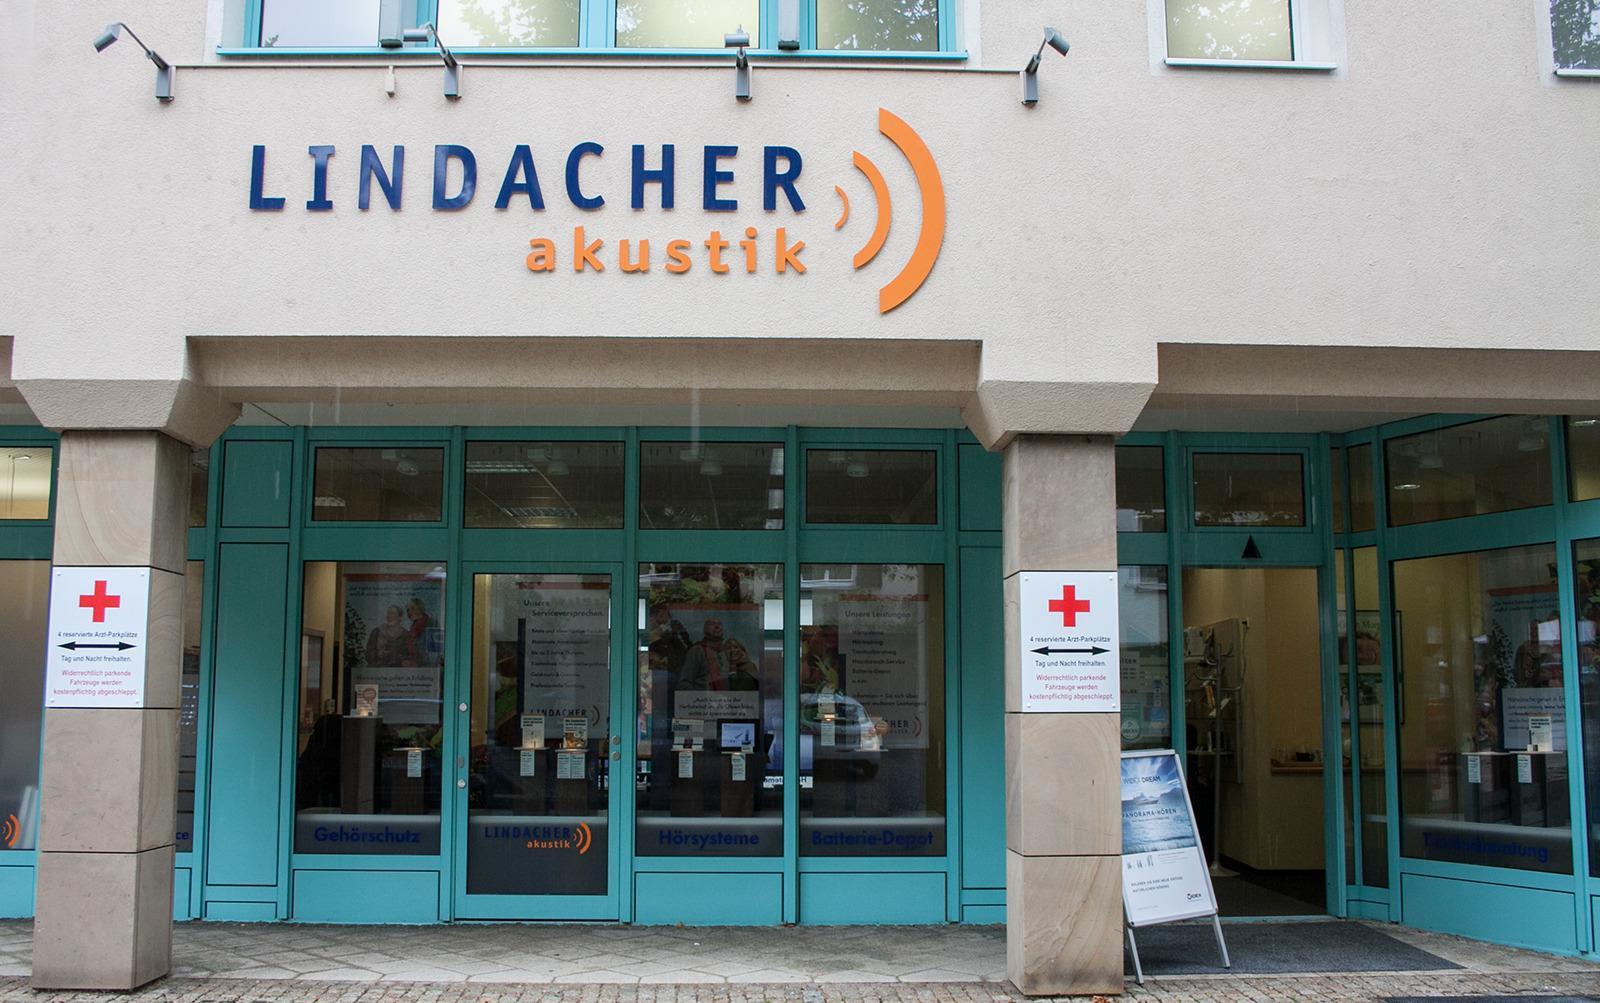 Lindacher Akustik